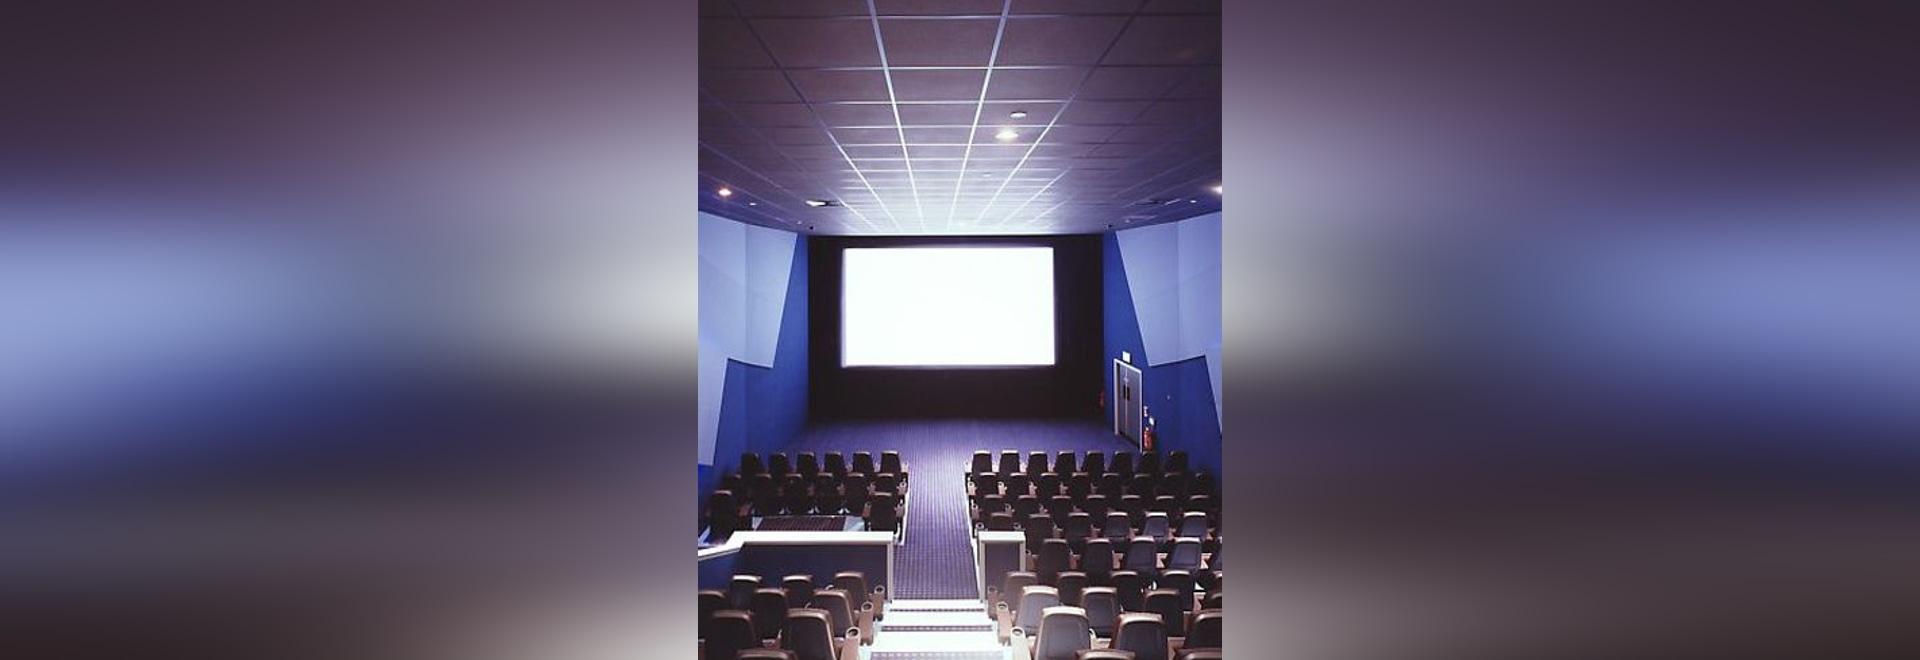 NOUVEAU : plafond suspendu acoustique par des plafonds d'Armstrong - l'Europe